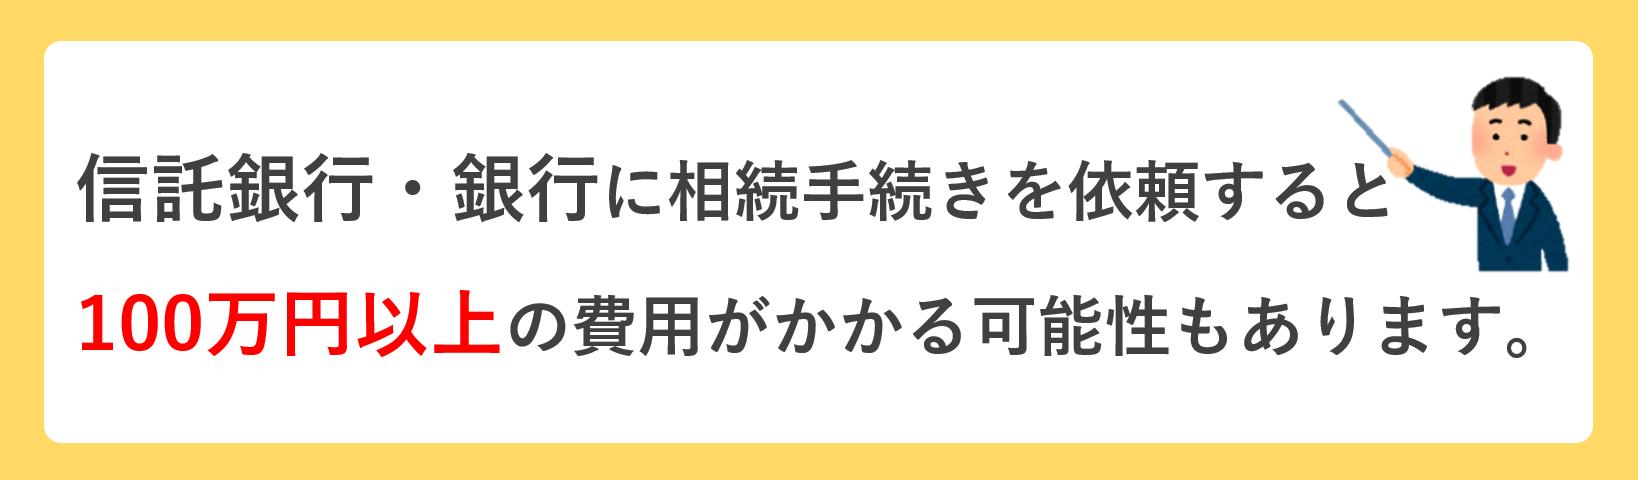 名古屋 銀行 残高 照会